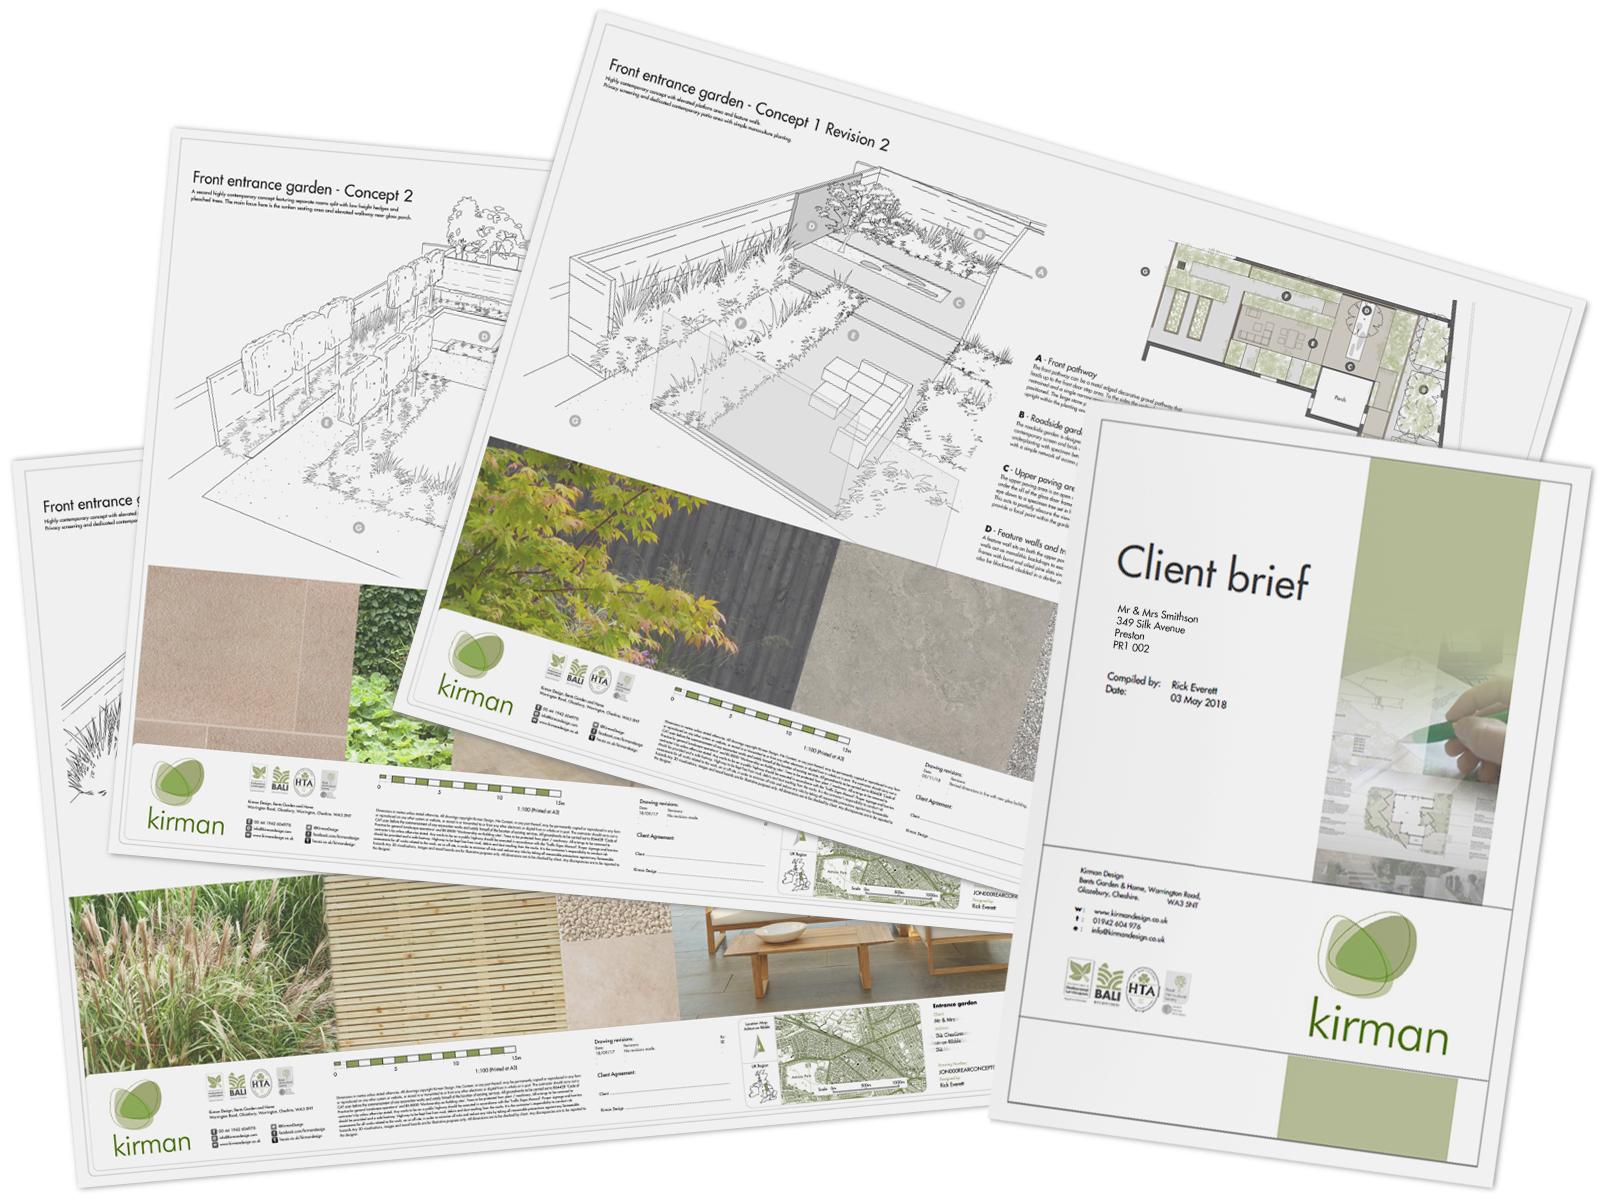 GardenDesignClieientBriefAndConcepts.jpg